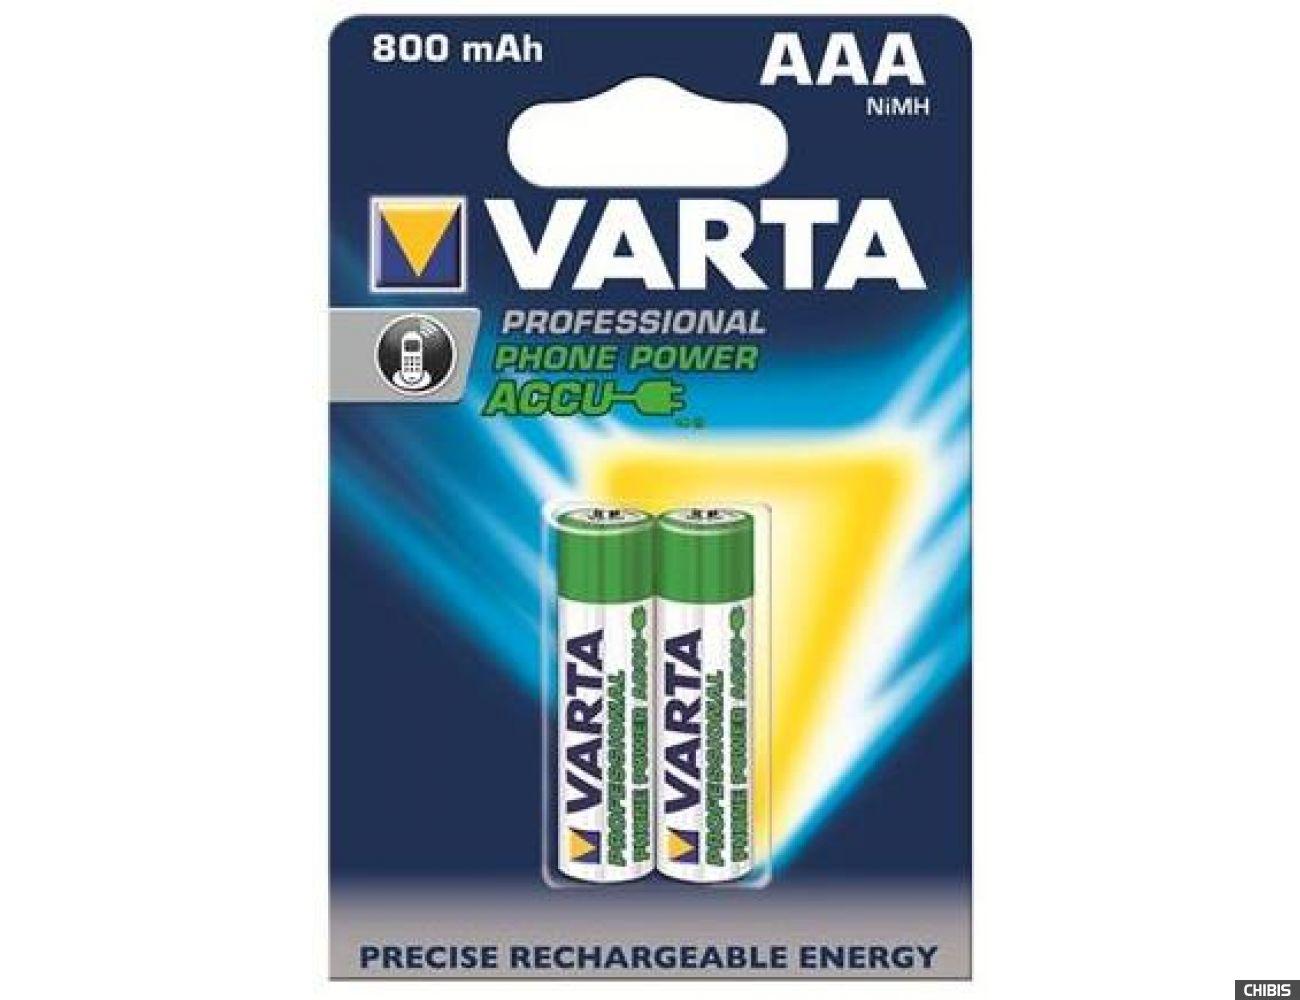 Аккумуляторные батарейки ААА Varta 800 mAh Professional Phone Power 2/2 58398101402